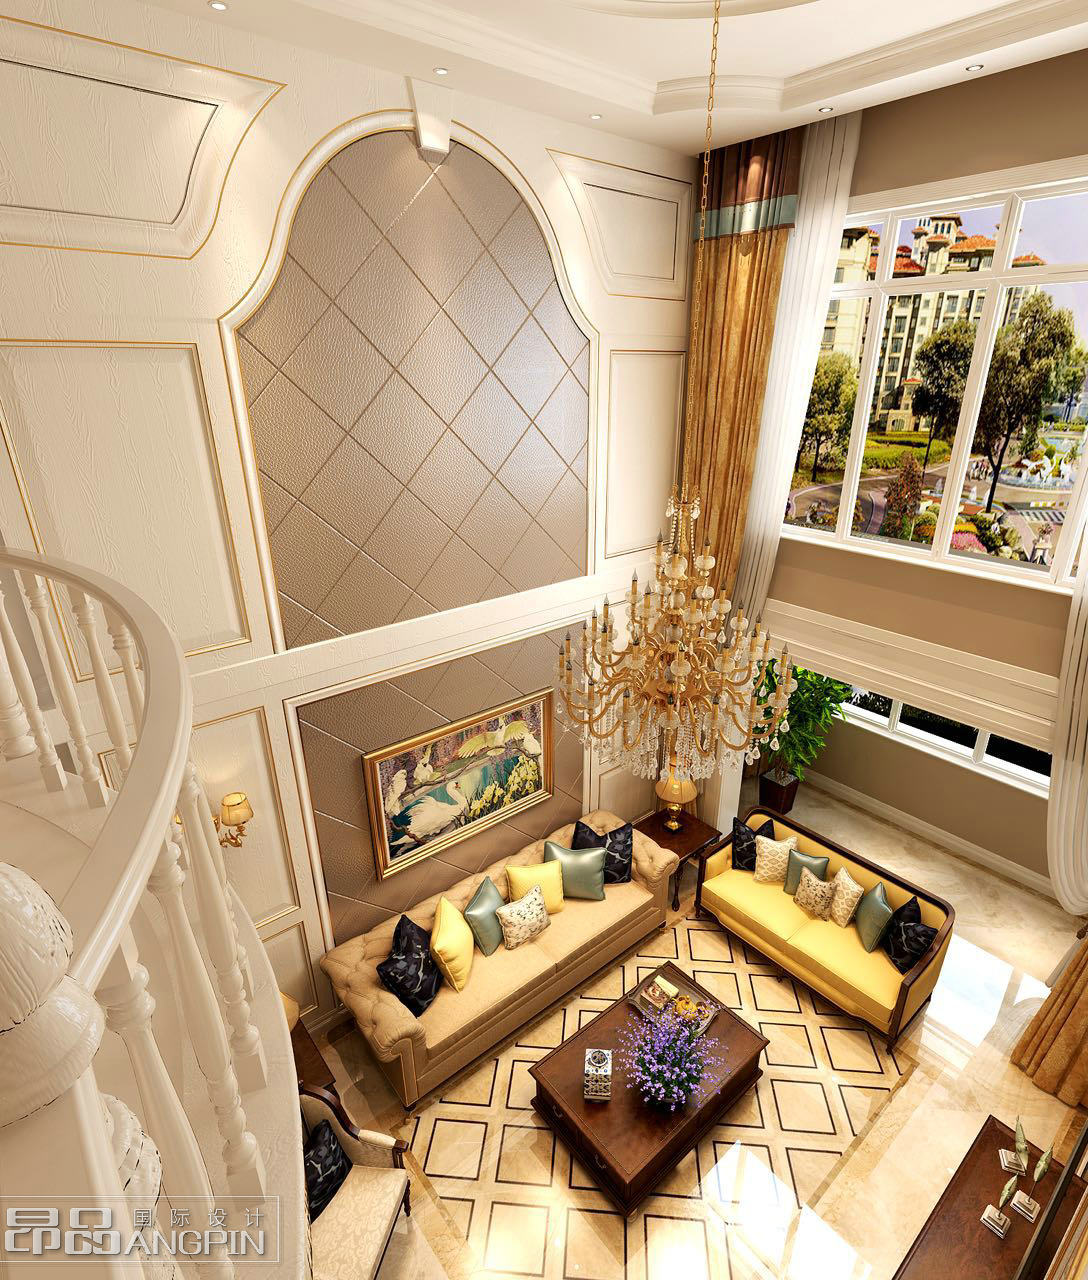 户型:双拼别墅 面积:400平米 风格:欧式,美式 挑空的客厅总是给人一种